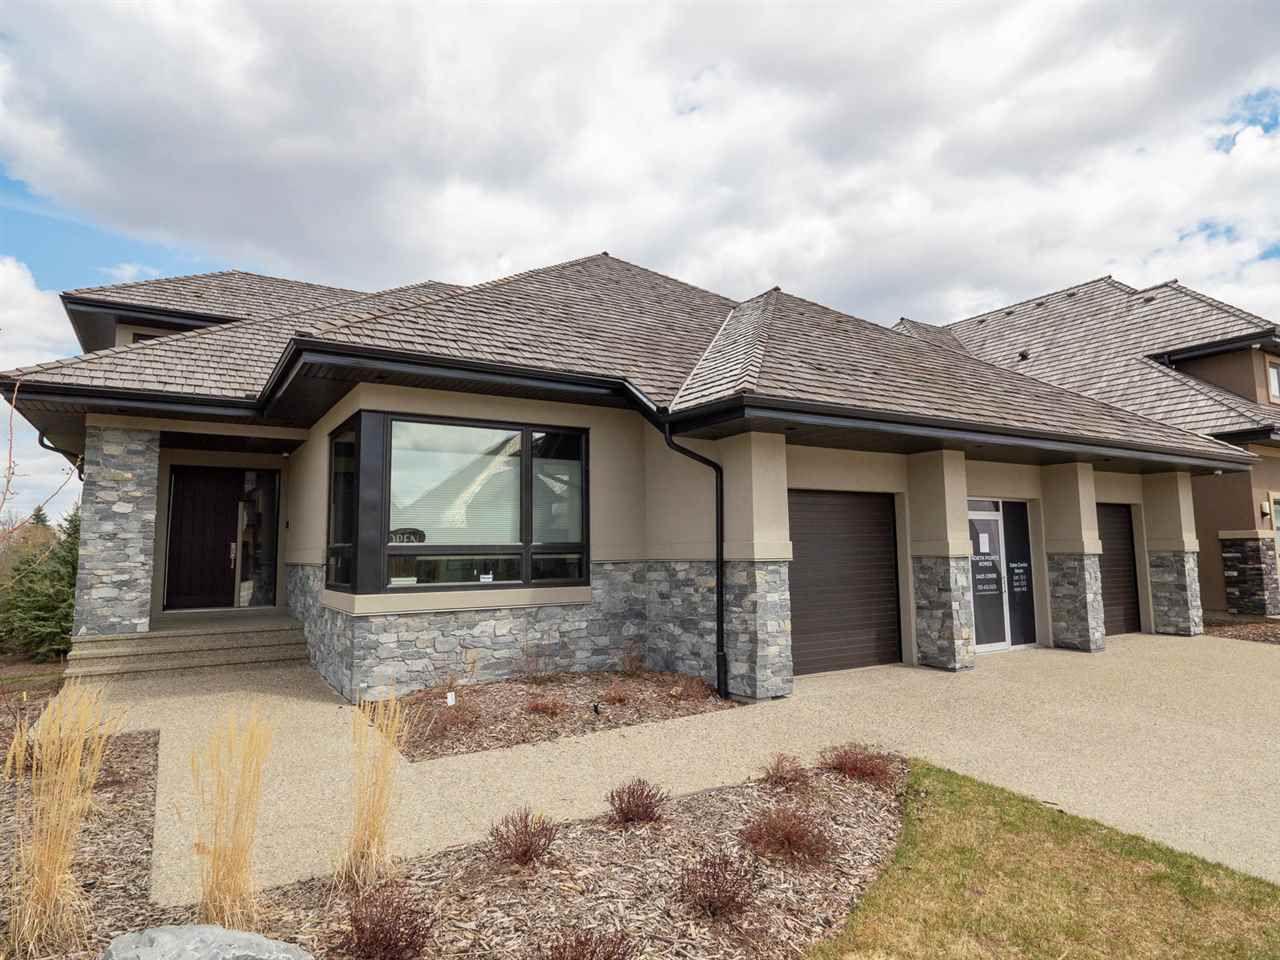 Main Photo: 2789 WHEATON Drive in Edmonton: Zone 56 House for sale : MLS®# E4149203